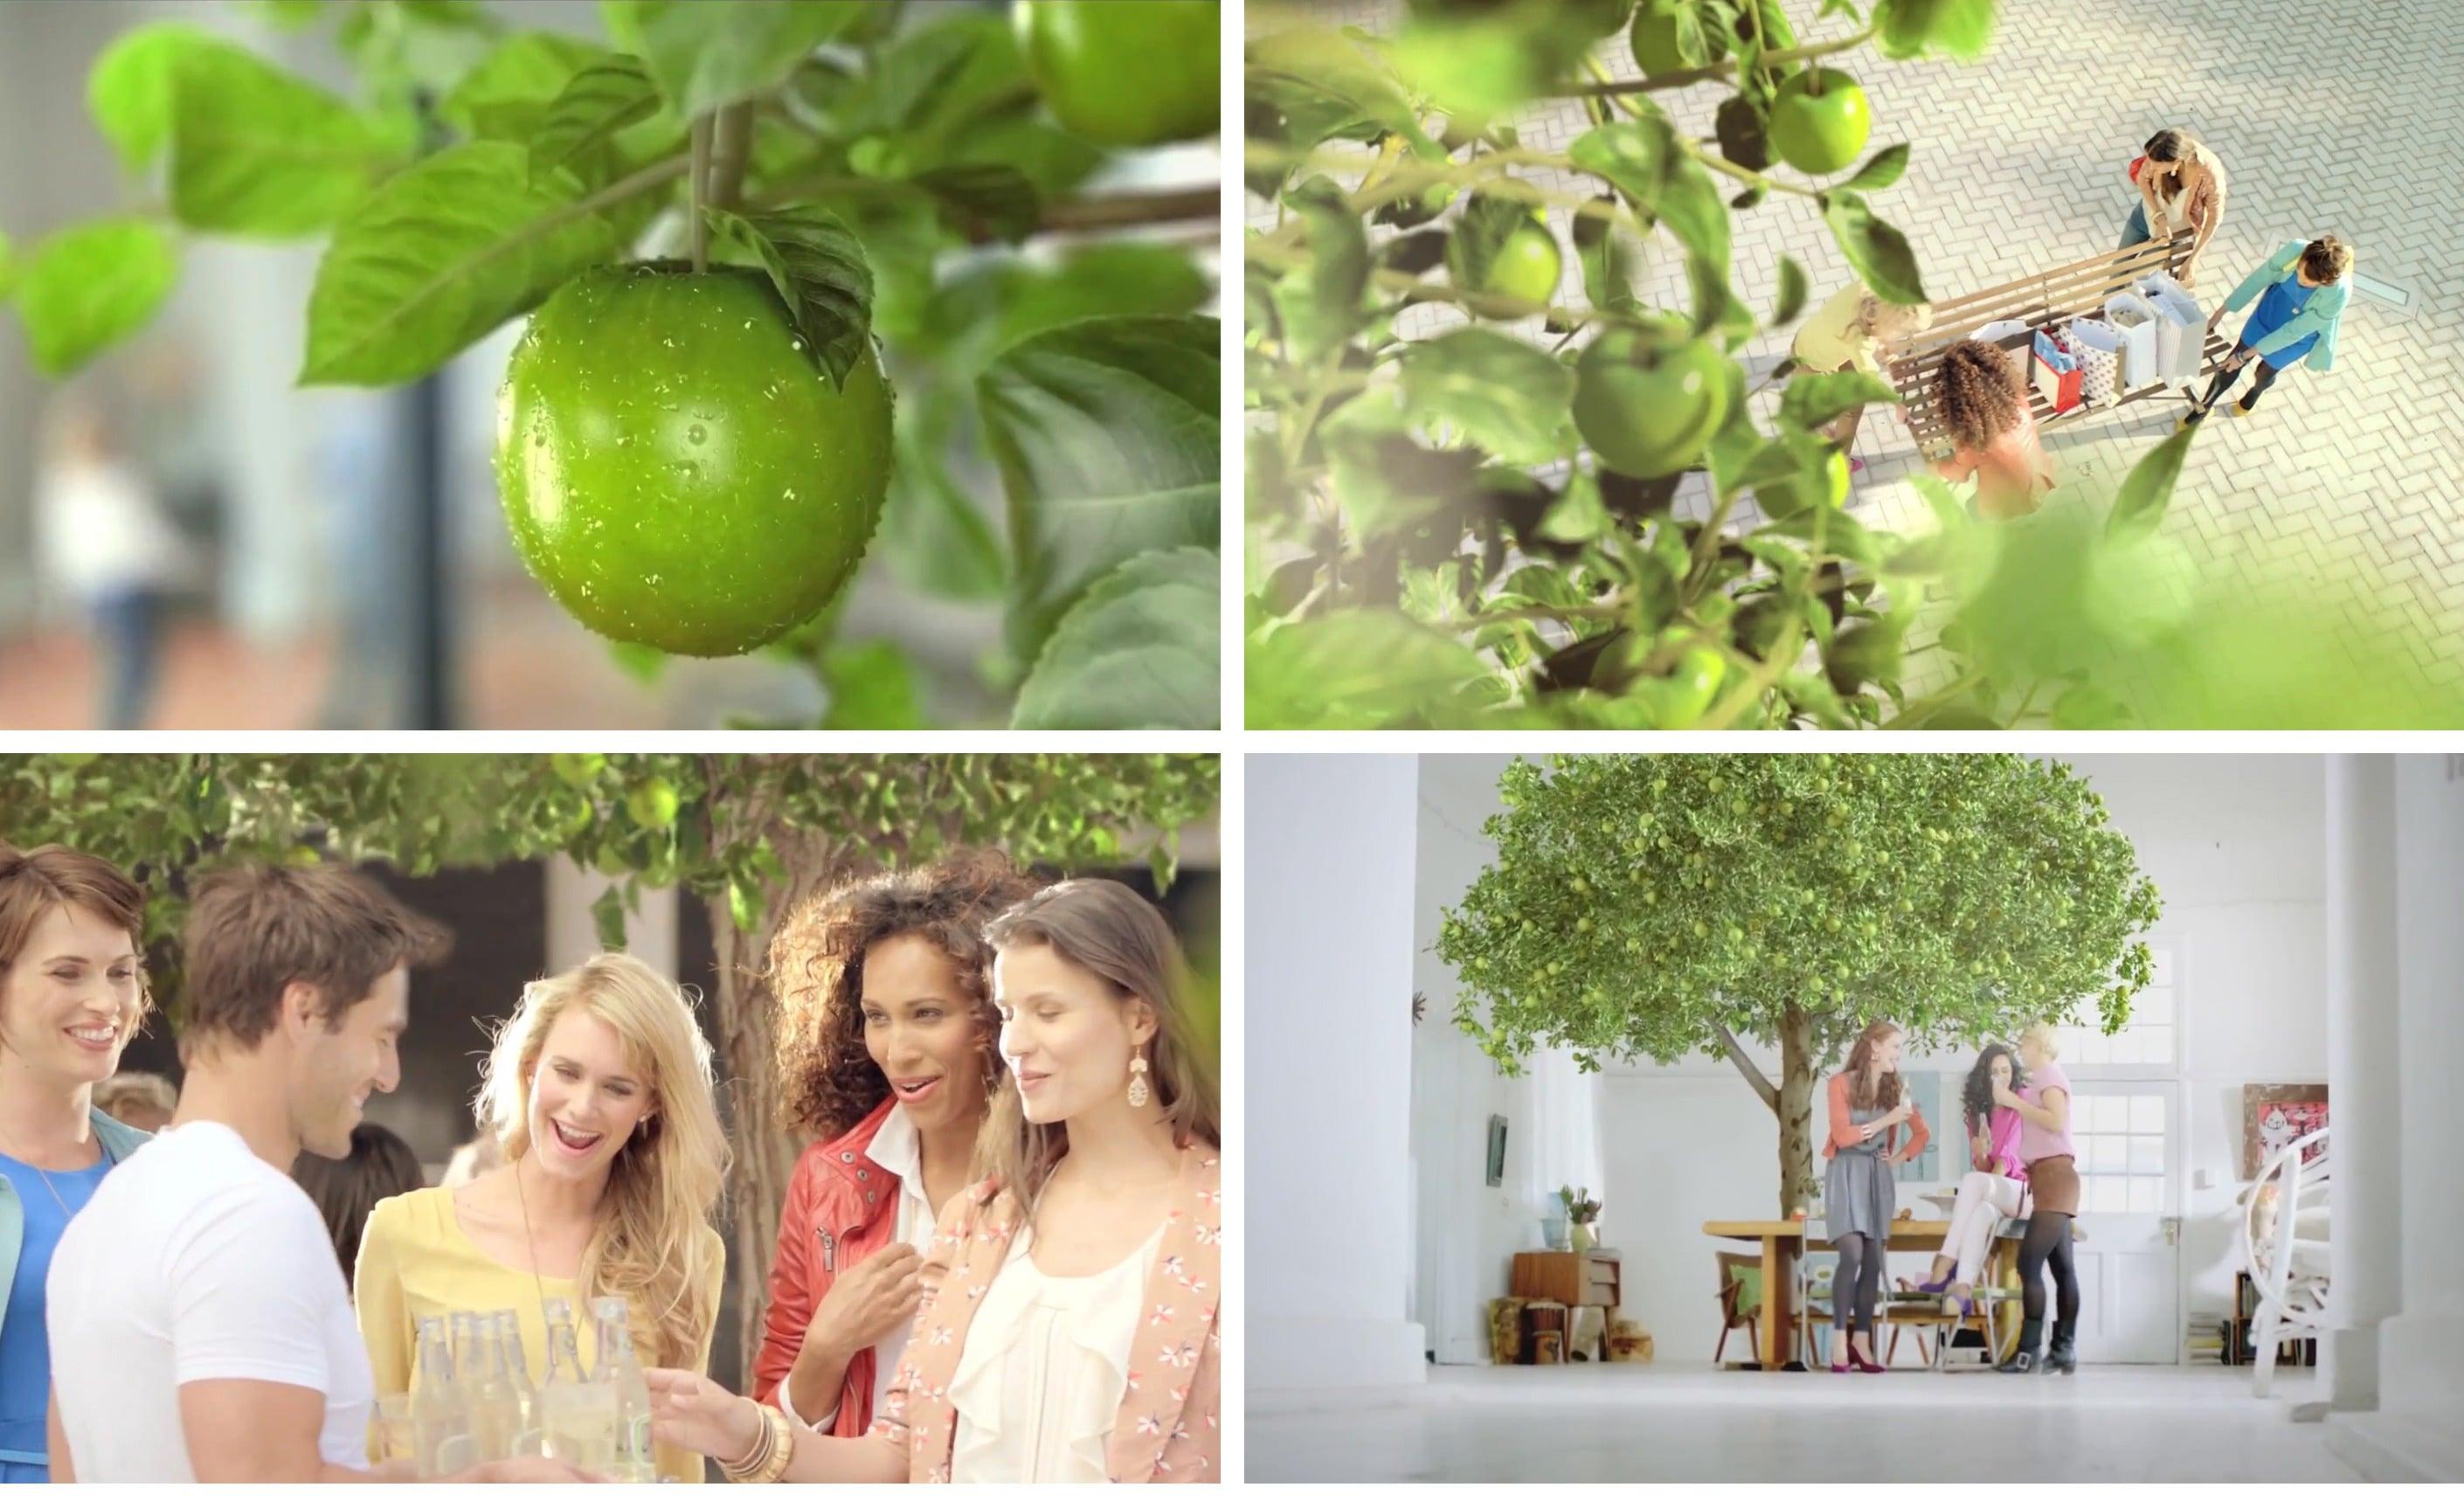 stas3dart-jillz-cider-tv-ad